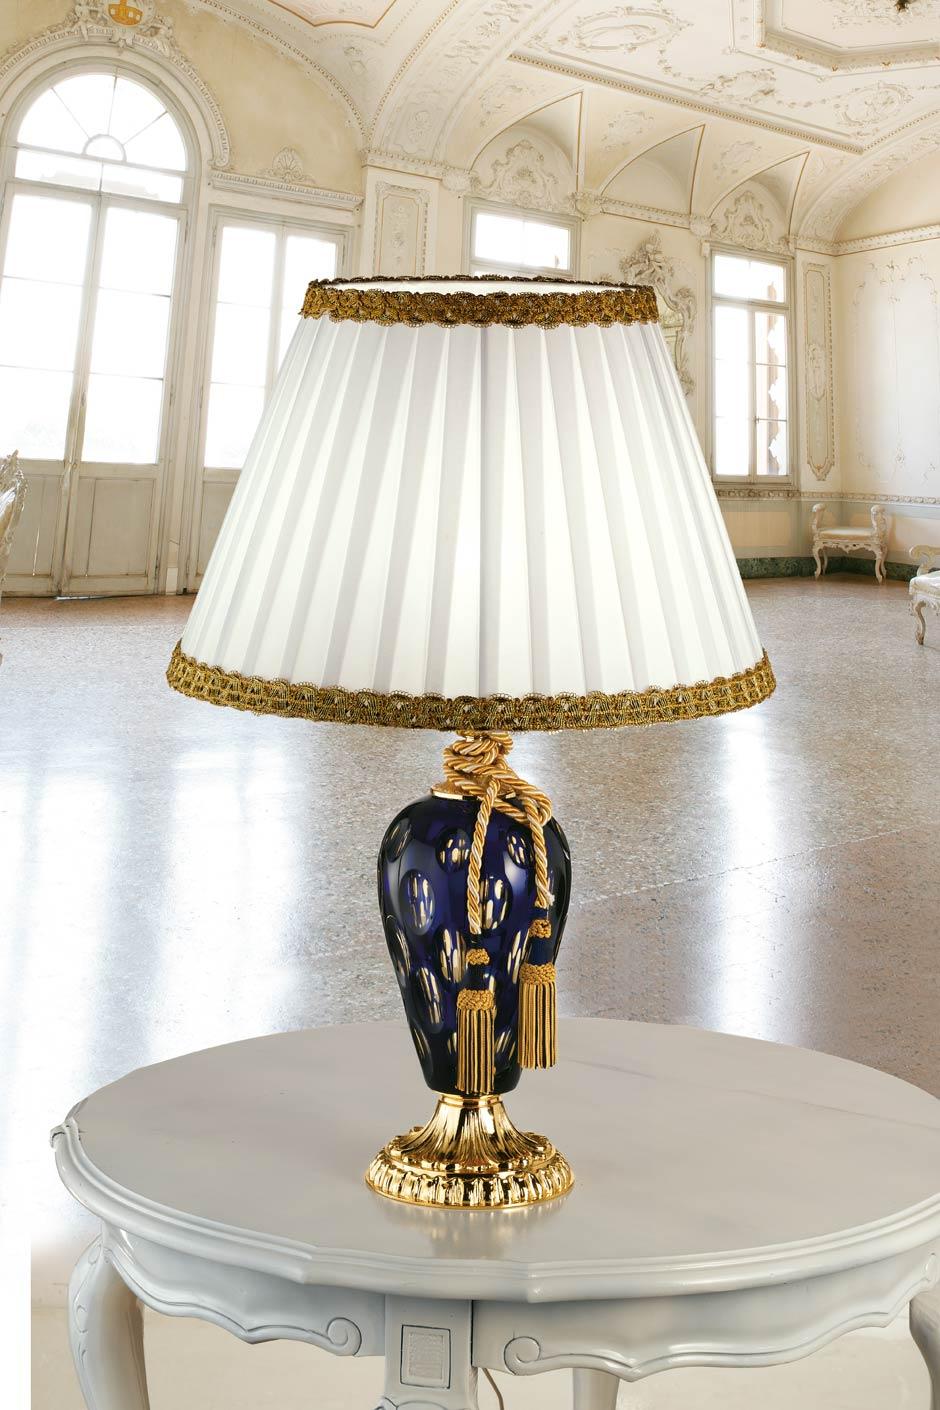 Lampe ottocento cristal bleu et dor abat jour blanc soie - Abat jour dore ...